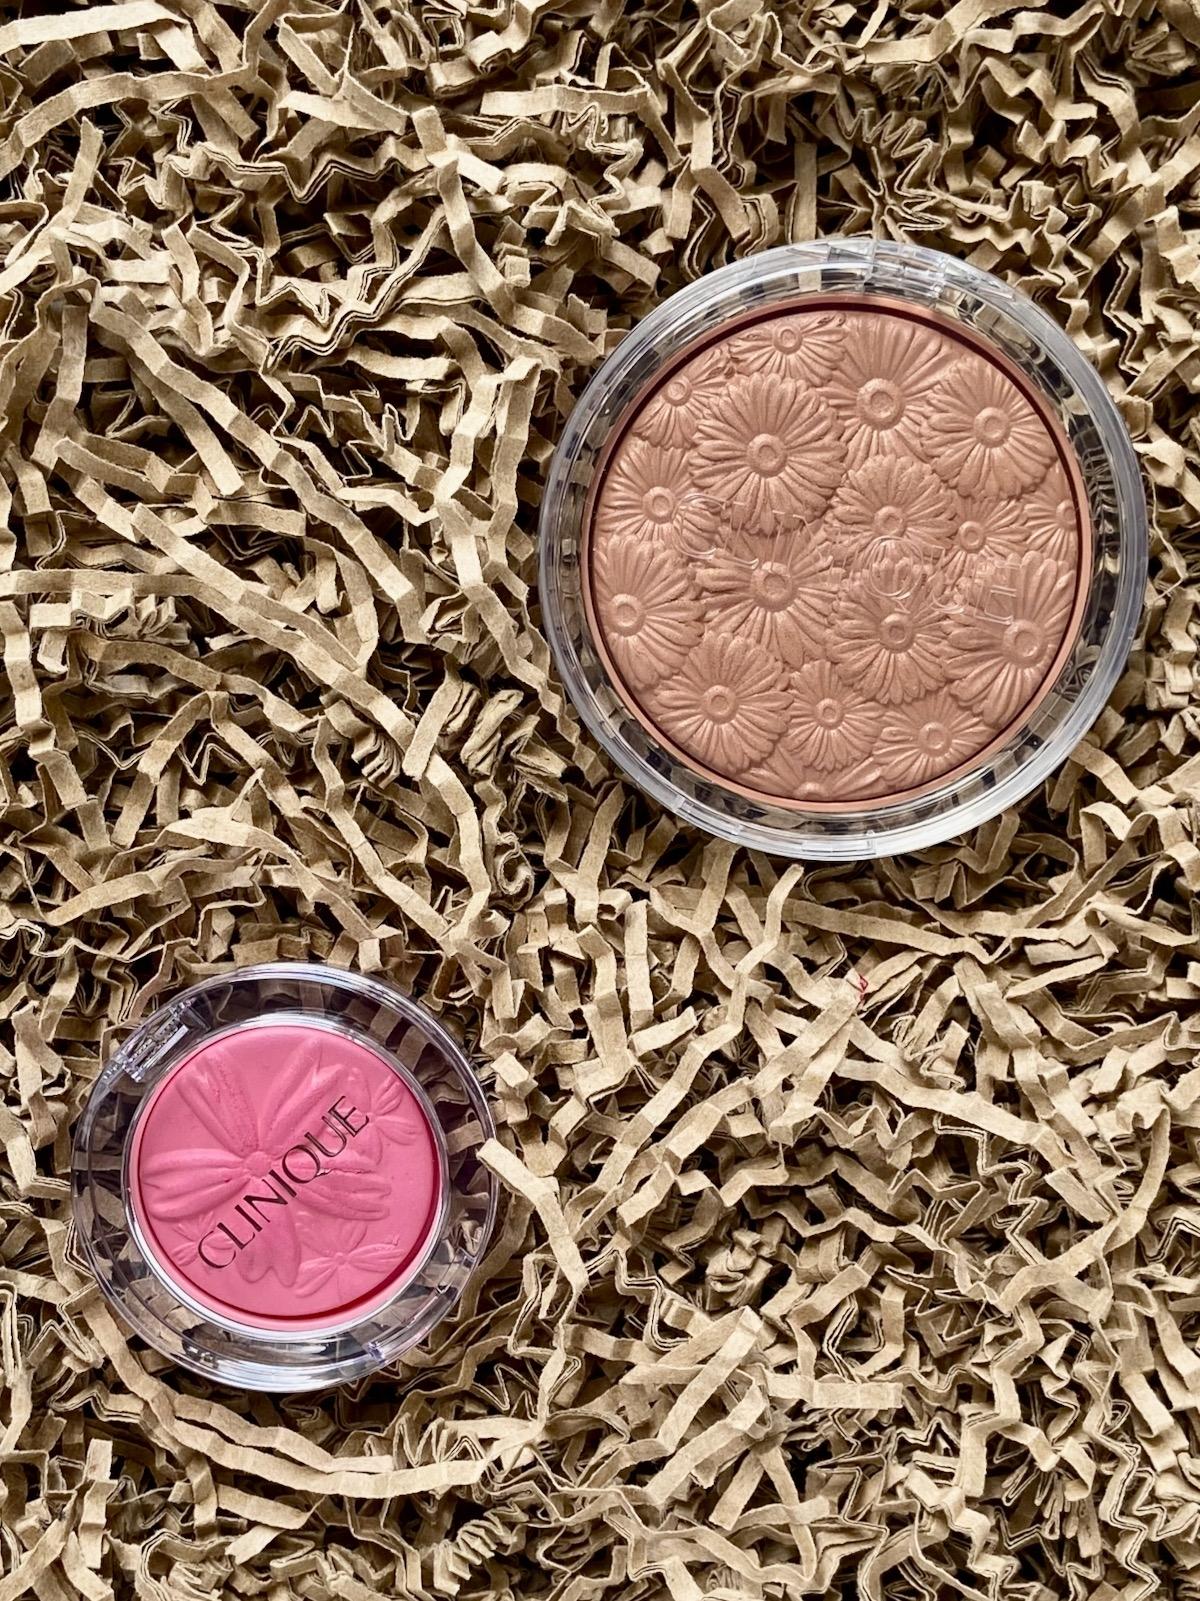 Clinique Powder Pop Flower Bronzer Solar Pop Cheek Pop Pink Pop